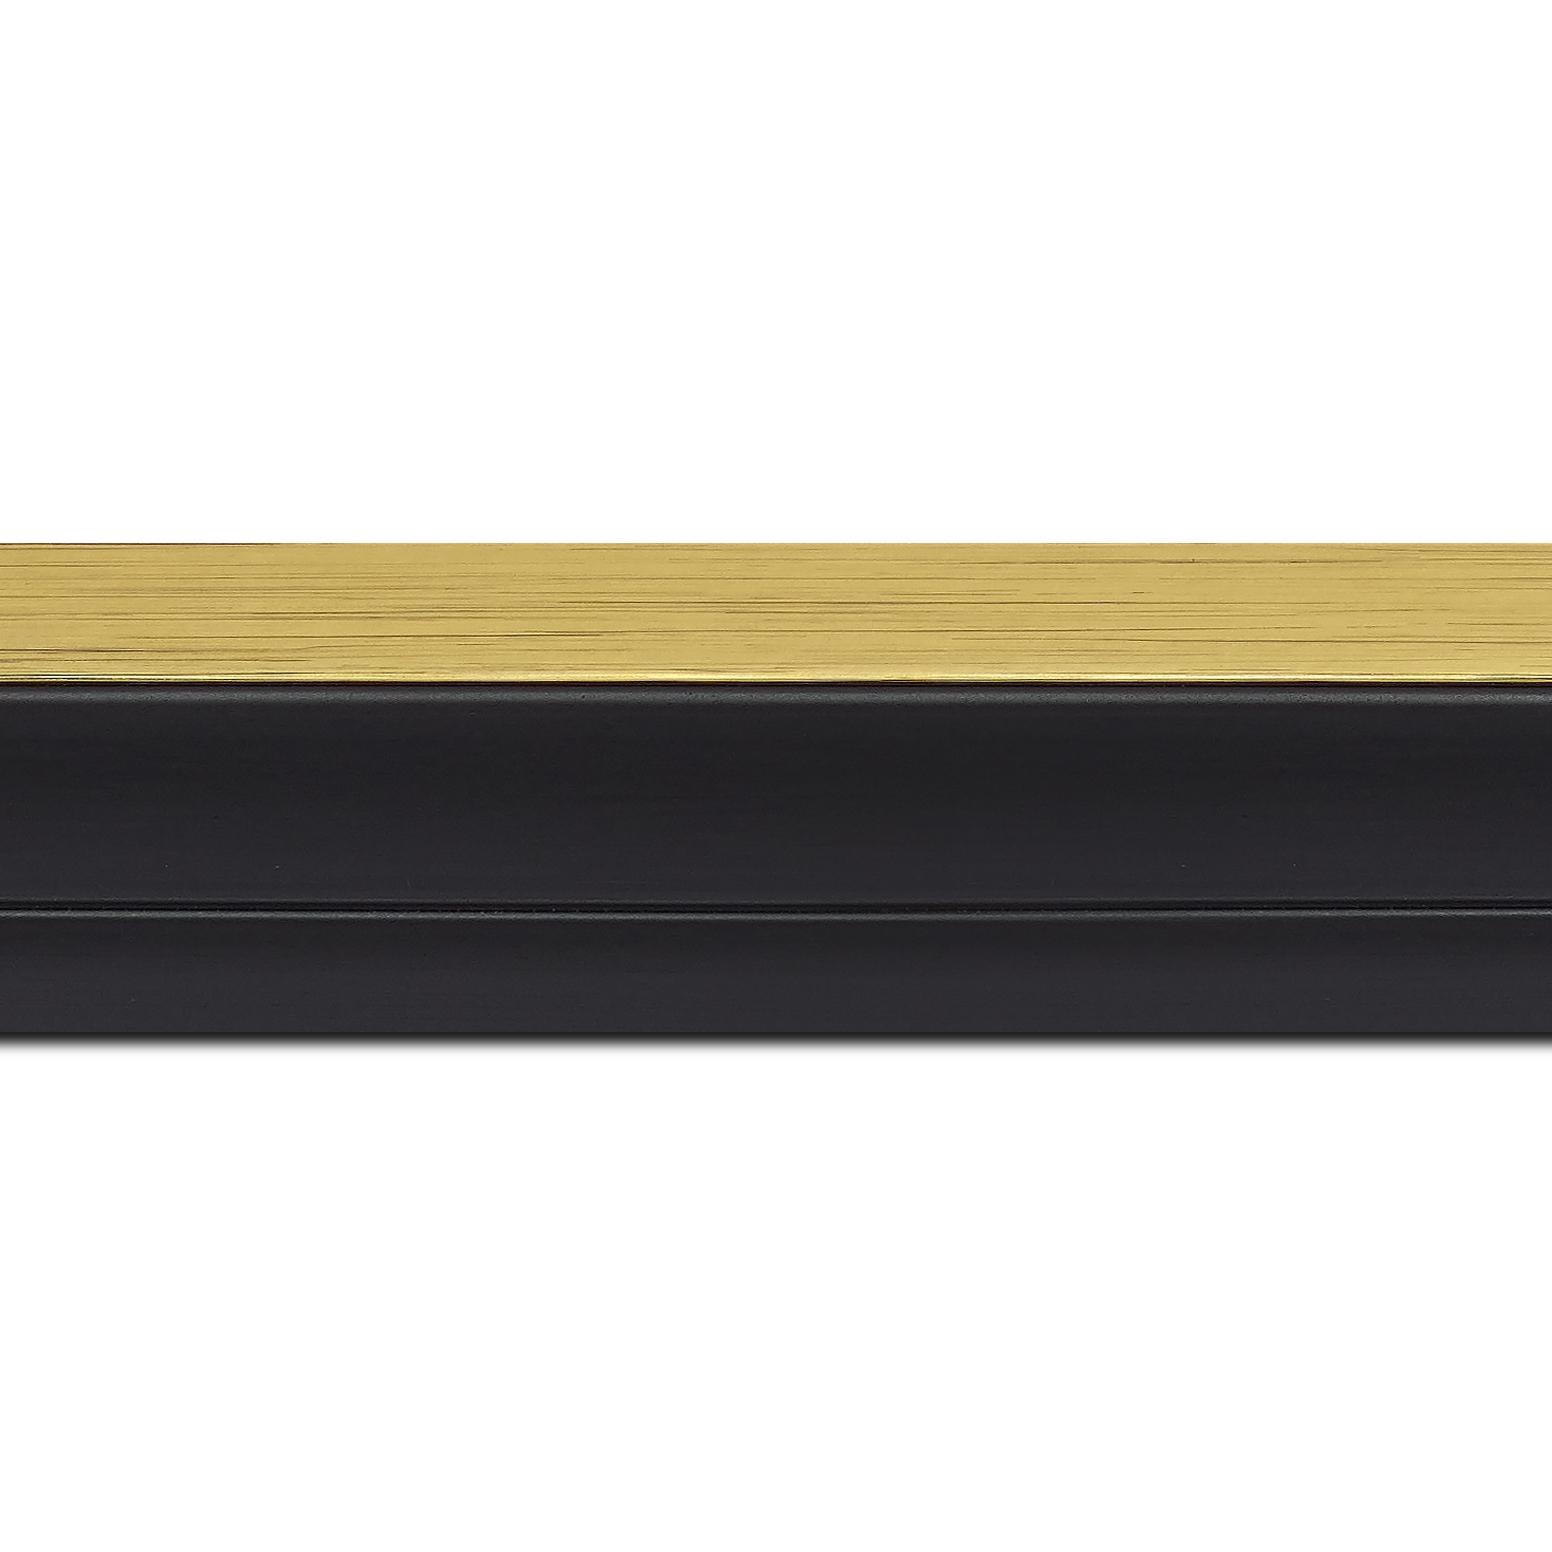 Baguette longueur 1.40m bois caisse américaine xl profil escalier largeur 4.9cm noir mat  filet or (spécialement conçu pour les châssis 3d d'une épaisseur de 3 à 4cm)